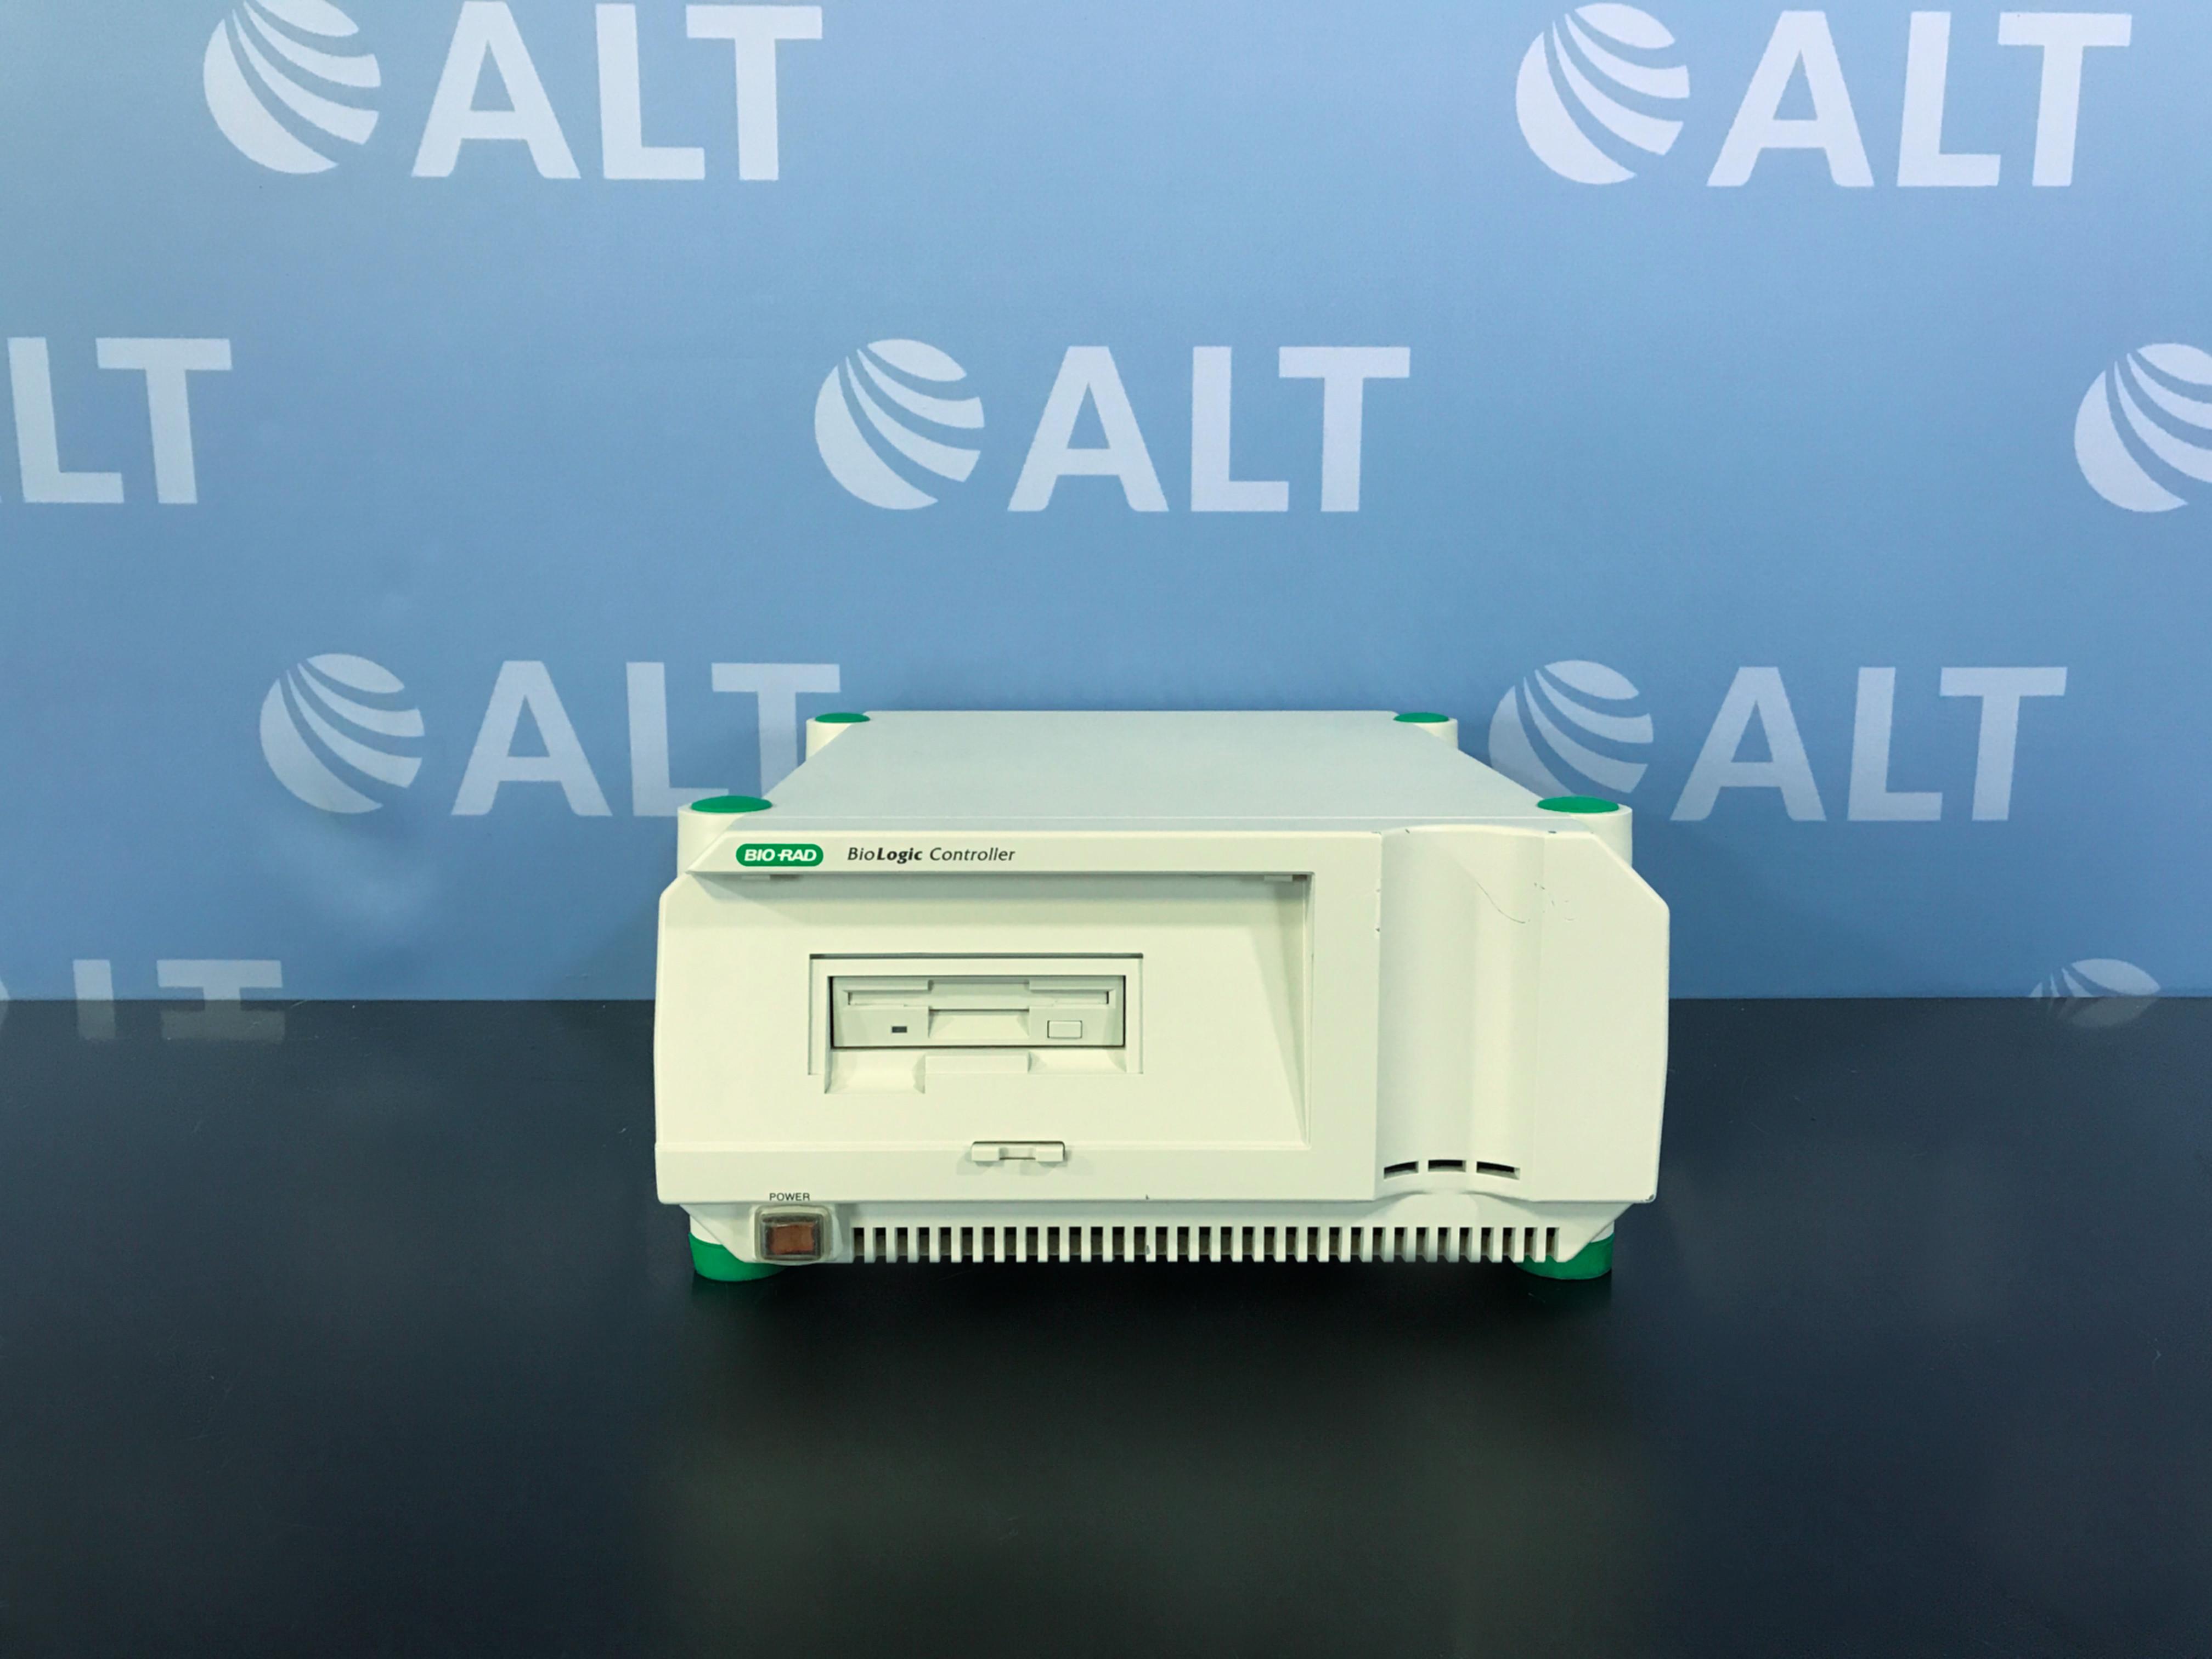 Bio-Rad BioLogic Controller Model Pentium Controller Image